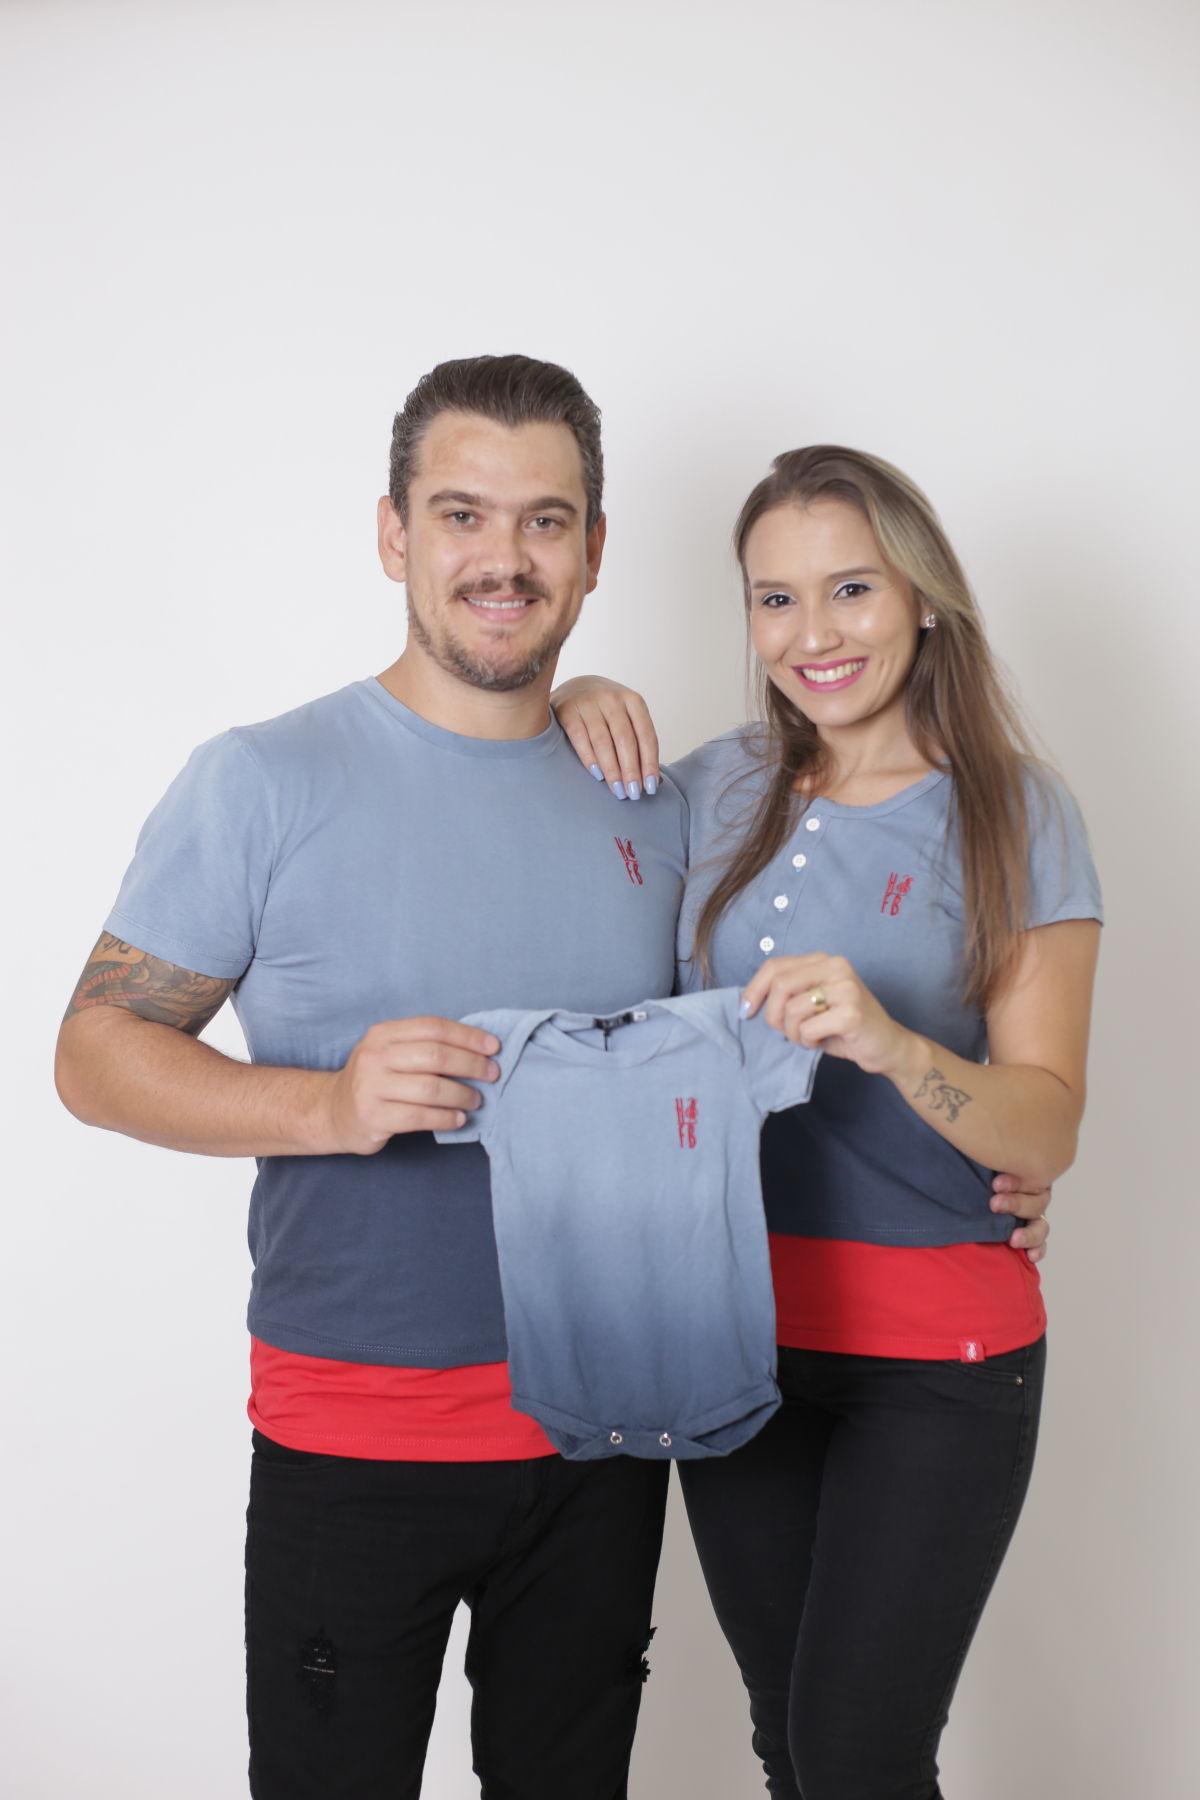 PAIS E FILHOS > Kit 3 Peças T-Shirt - Degradê [Coleção Família]  - Heitor Fashion Brazil